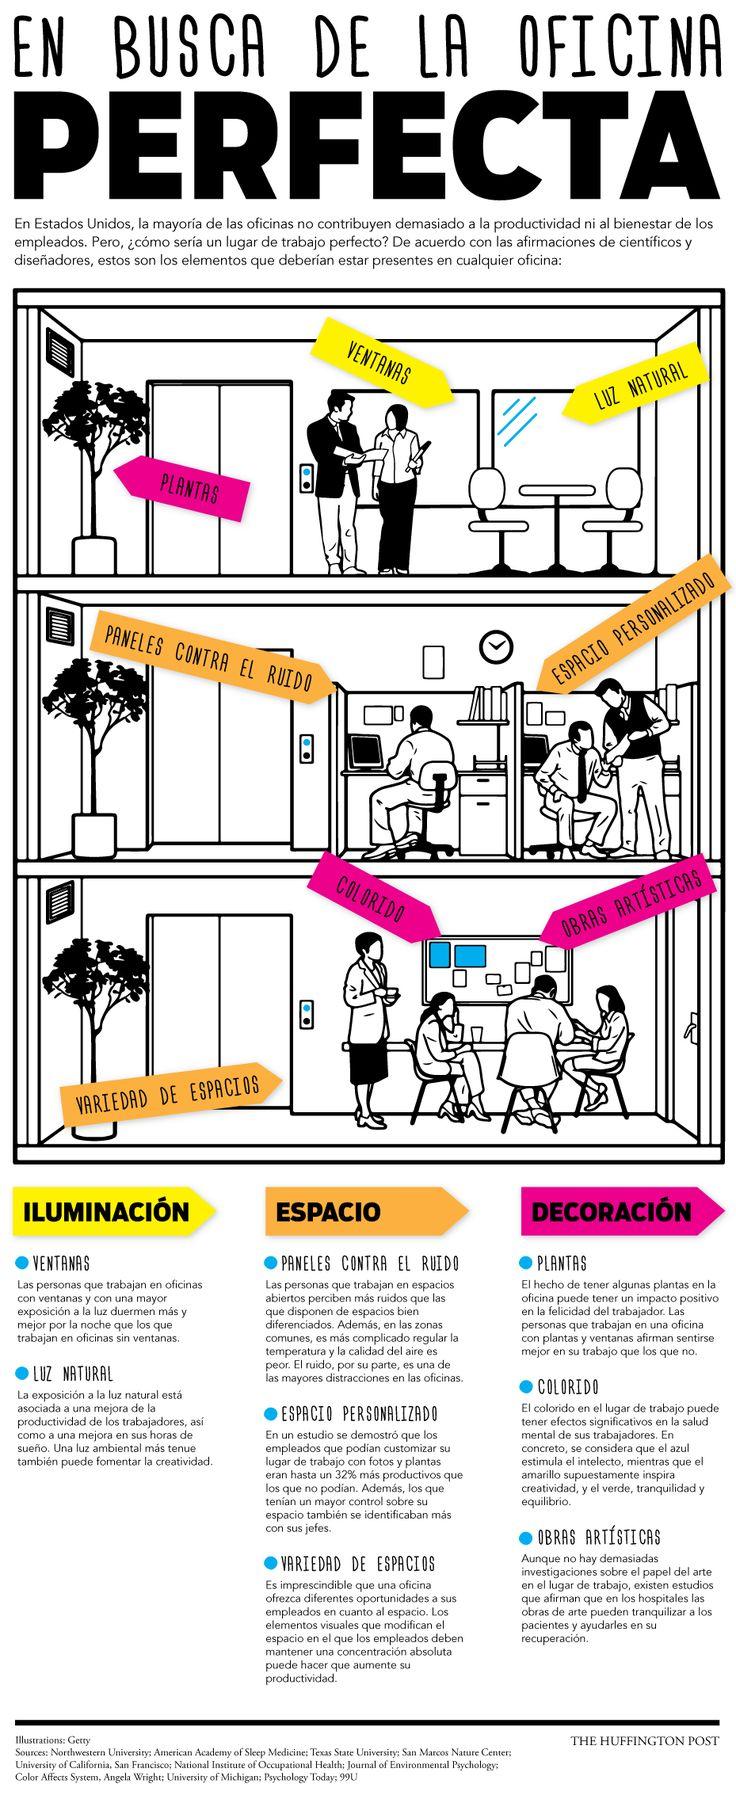 Cosas a tener en cuenta para la oficina y el #trabajo perfecto. #Infografia